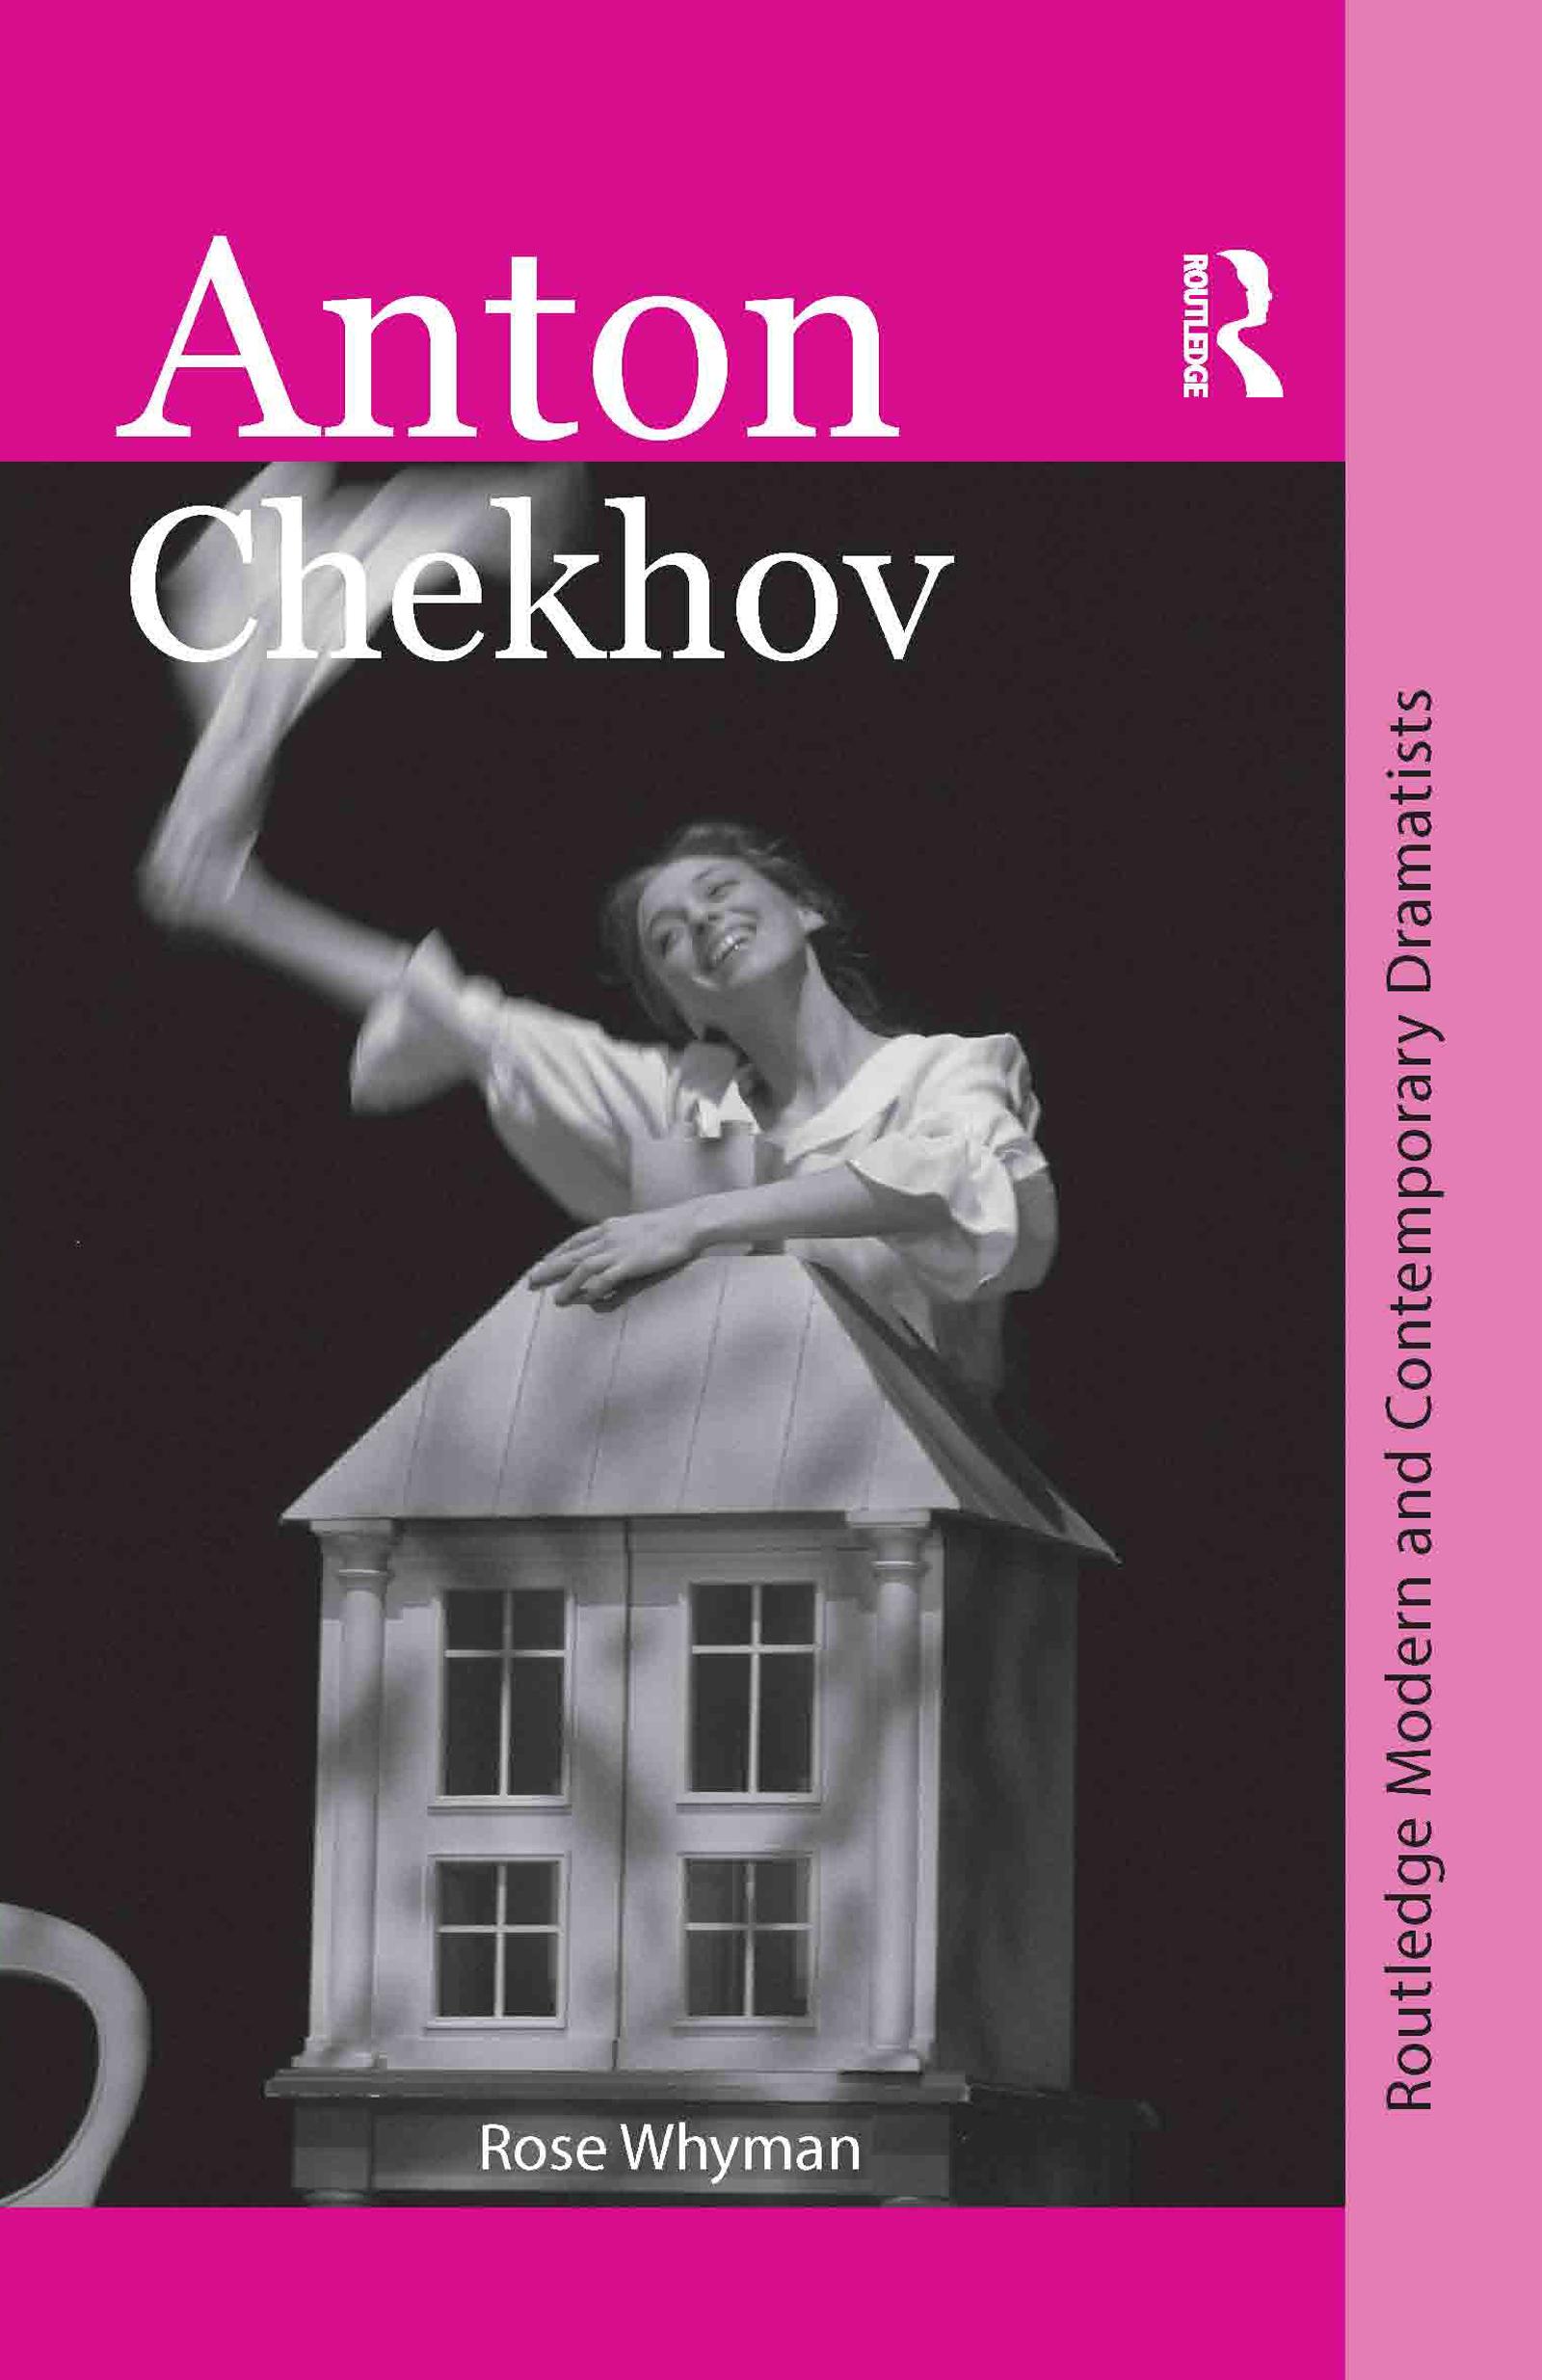 Anton Chekhov (Paperback) book cover